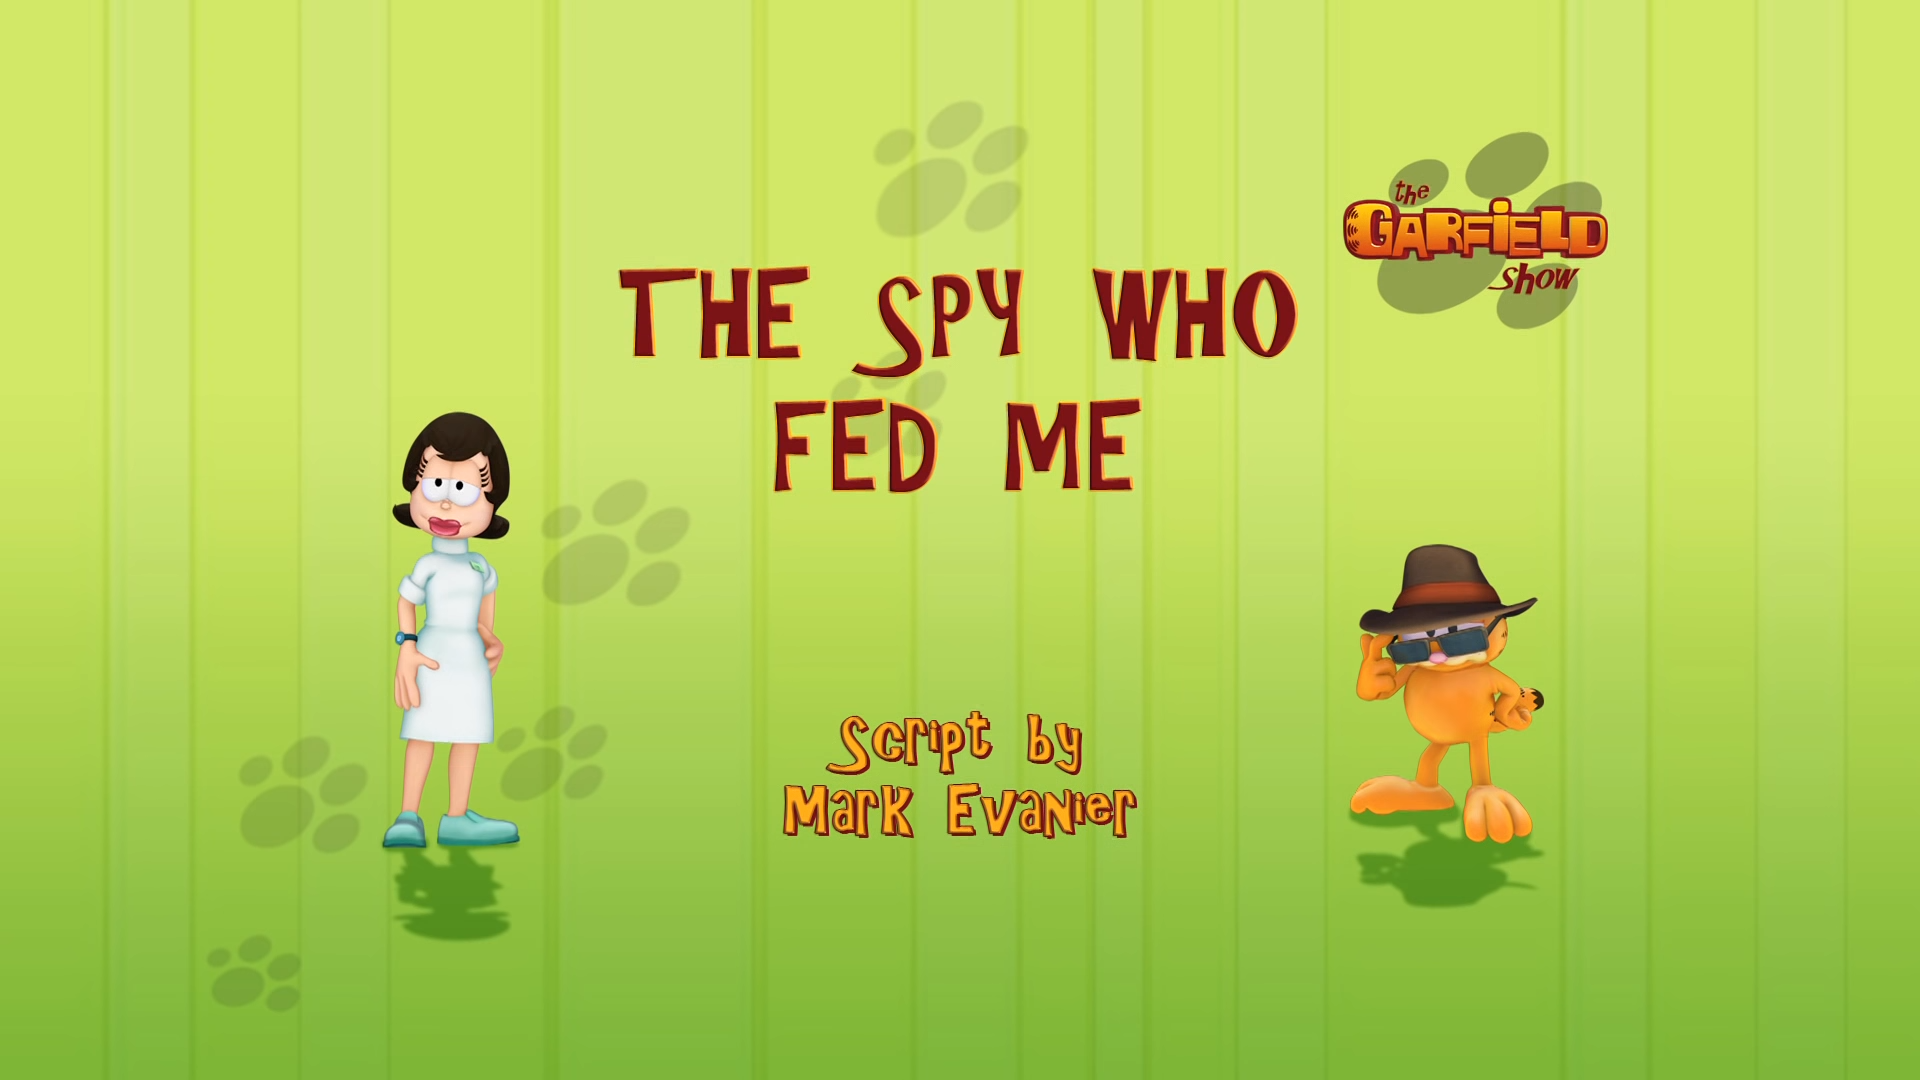 The Spy Who Fed Me